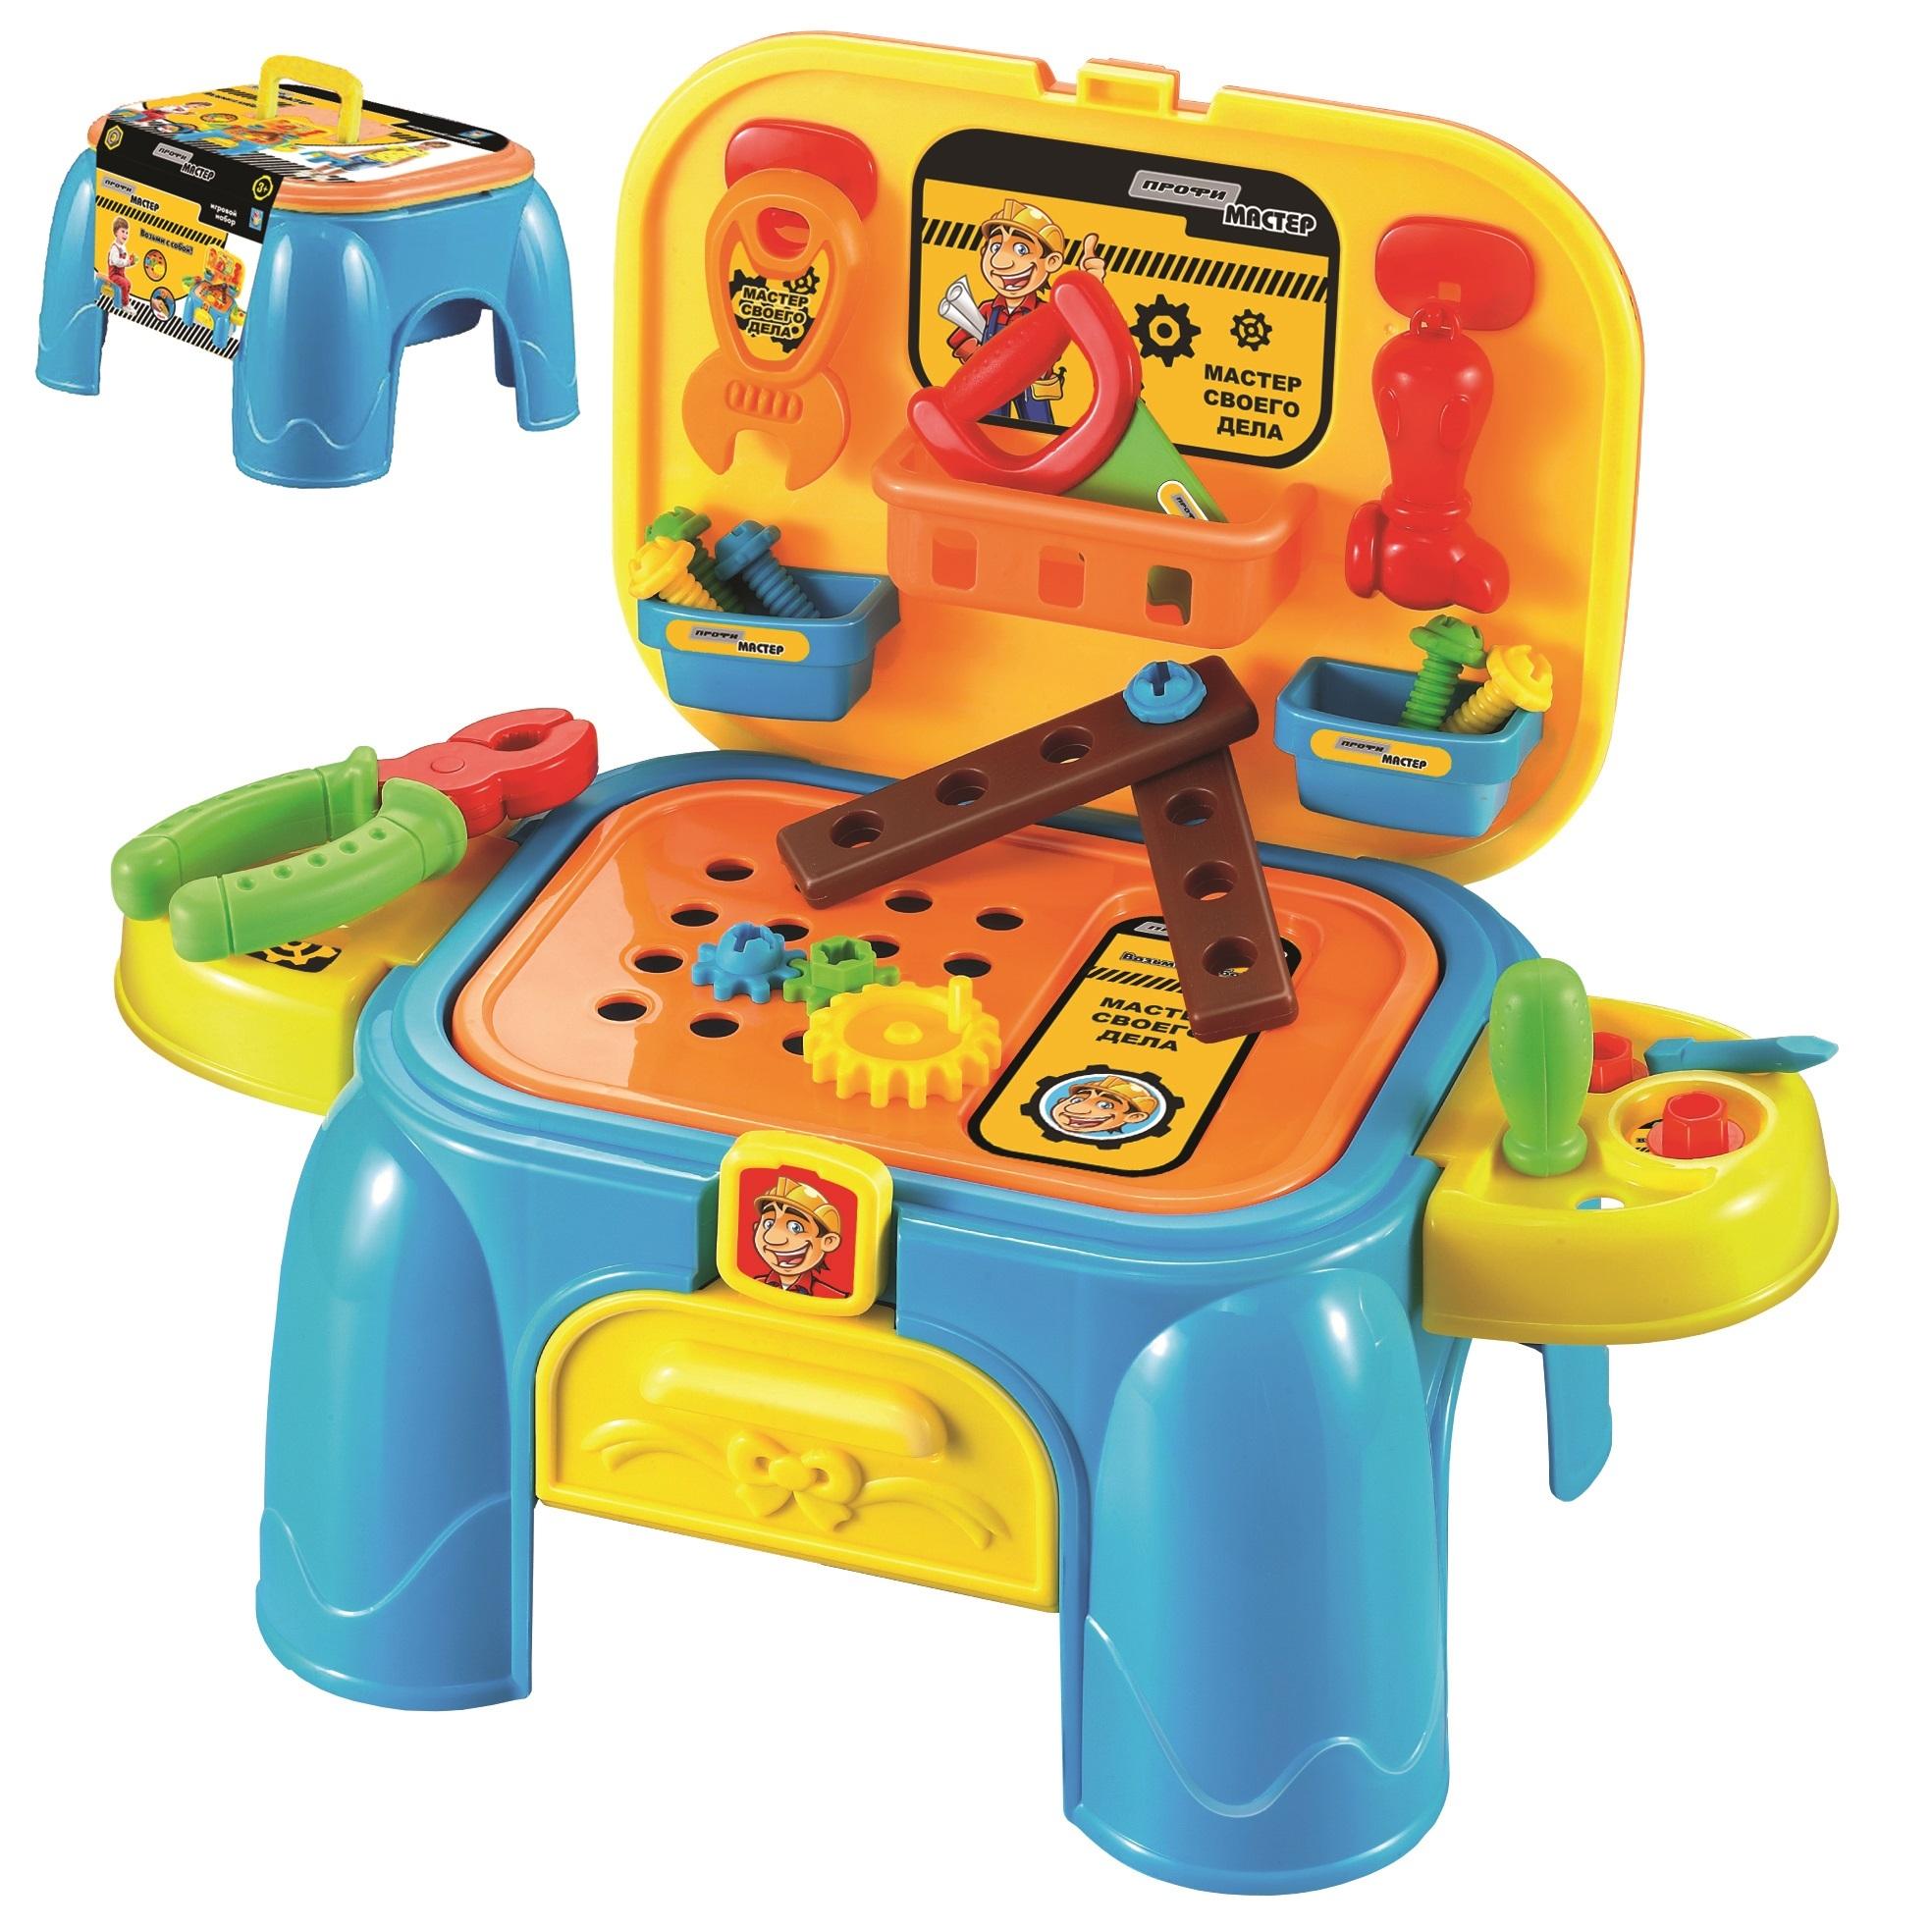 Наборы игрушечных инструментов 1toy Игровой набор 1Toy «Профи Мастер» 2в1 32 пред. 1toy игровой набор профи малыш цвет красный голубой зеленый